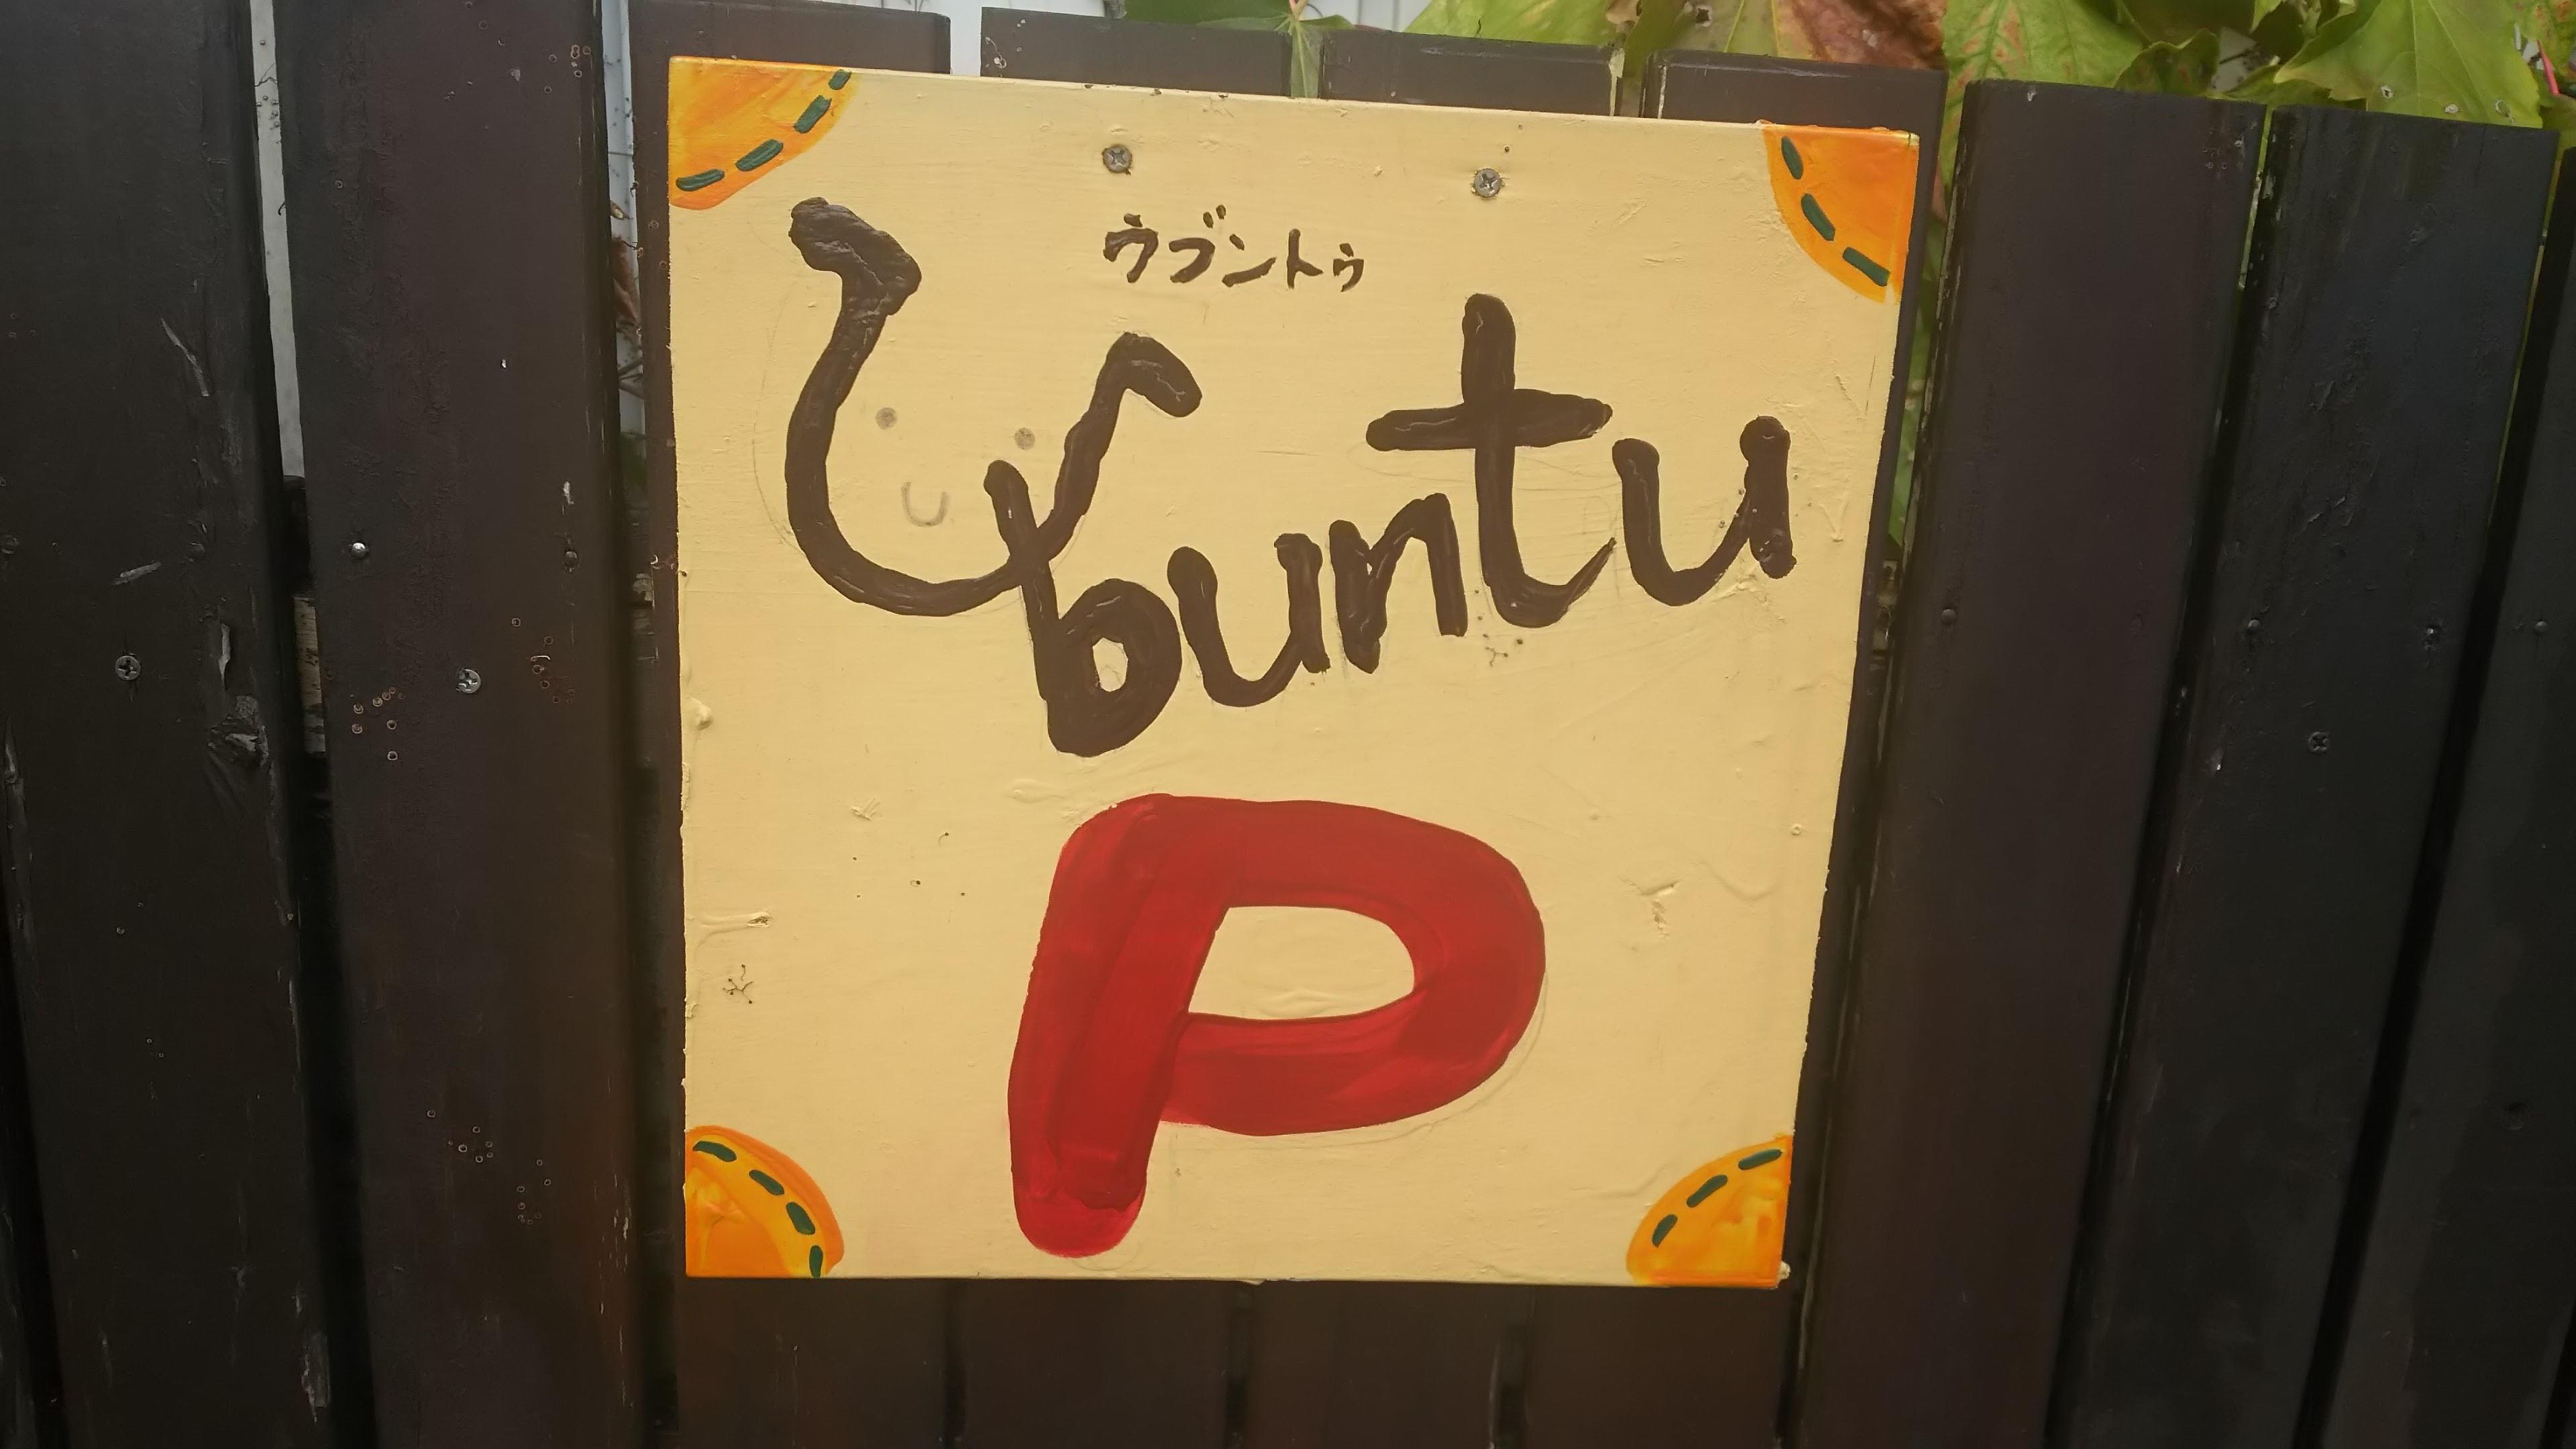 【レビュー】瀬戸市陶本町 Ubuntu(ウブントゥ)に行ってきた